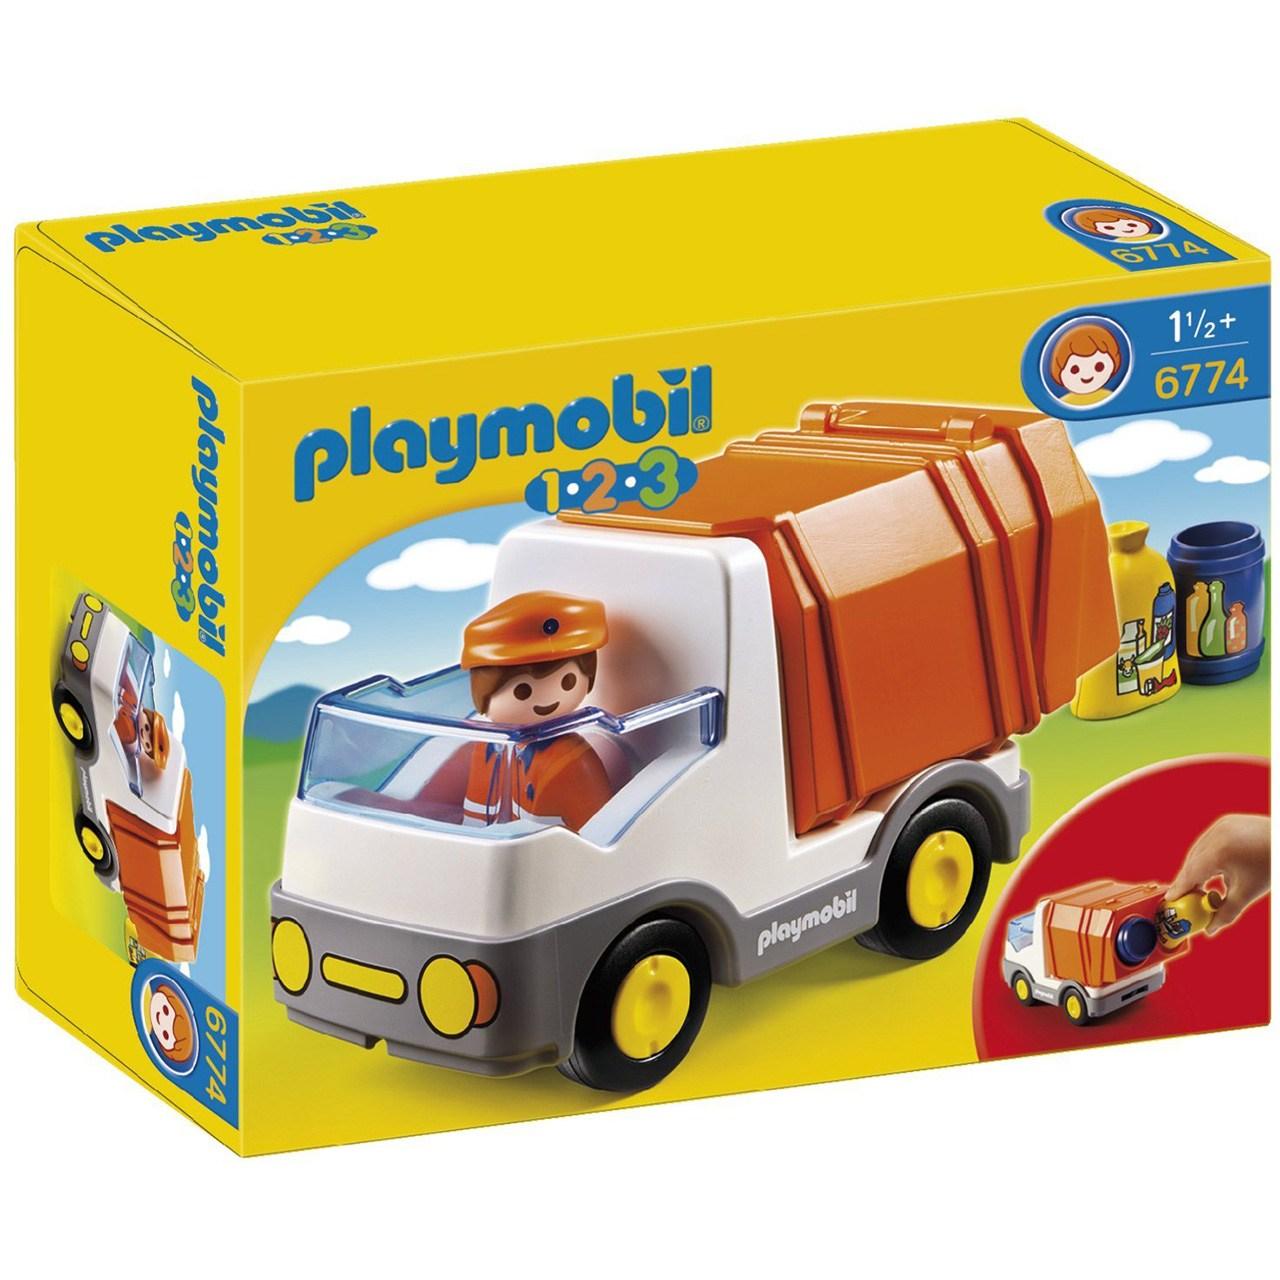 ساختنی پلی موبیل مدل Recycling Truck 6774